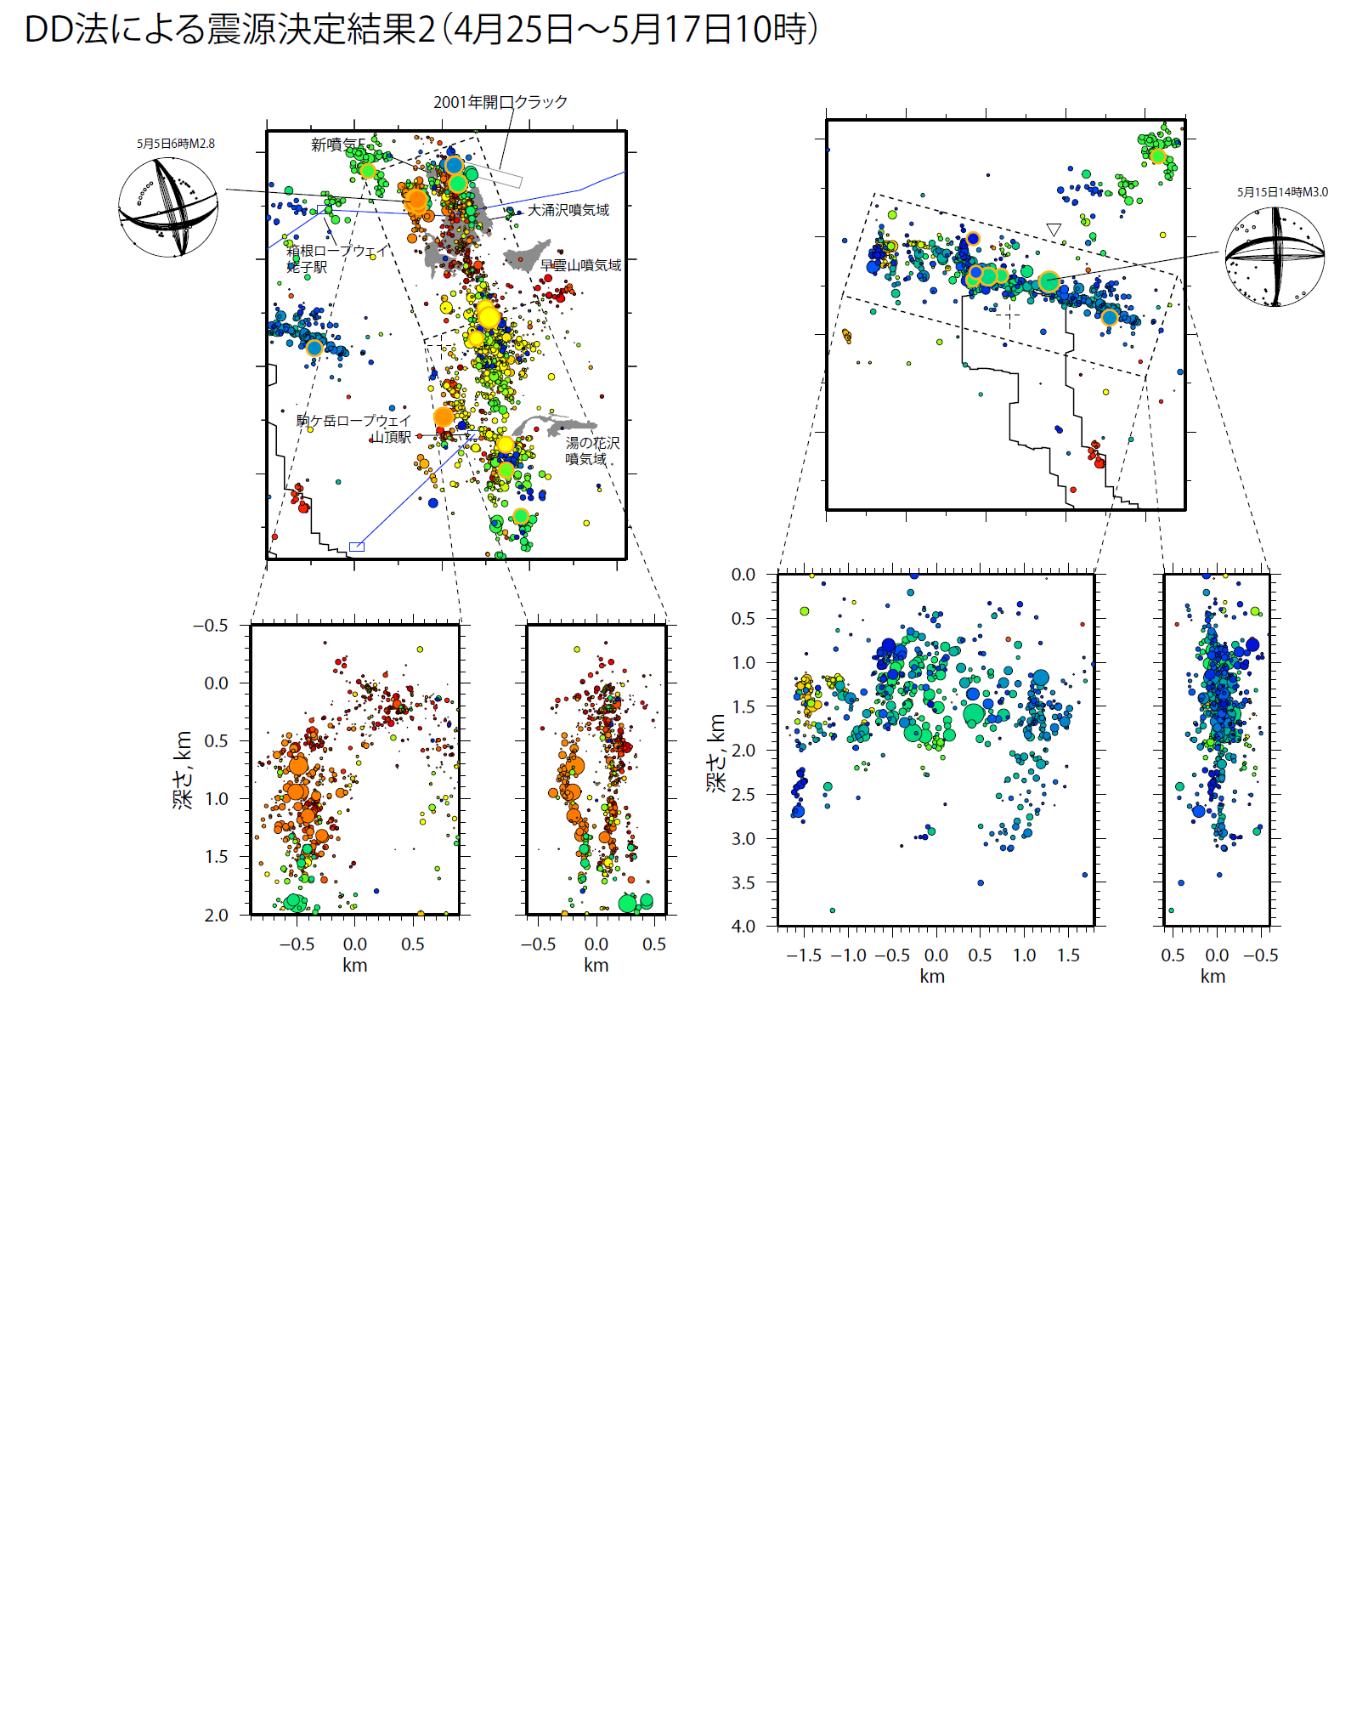 DD法によって推定された、震源の面上分布